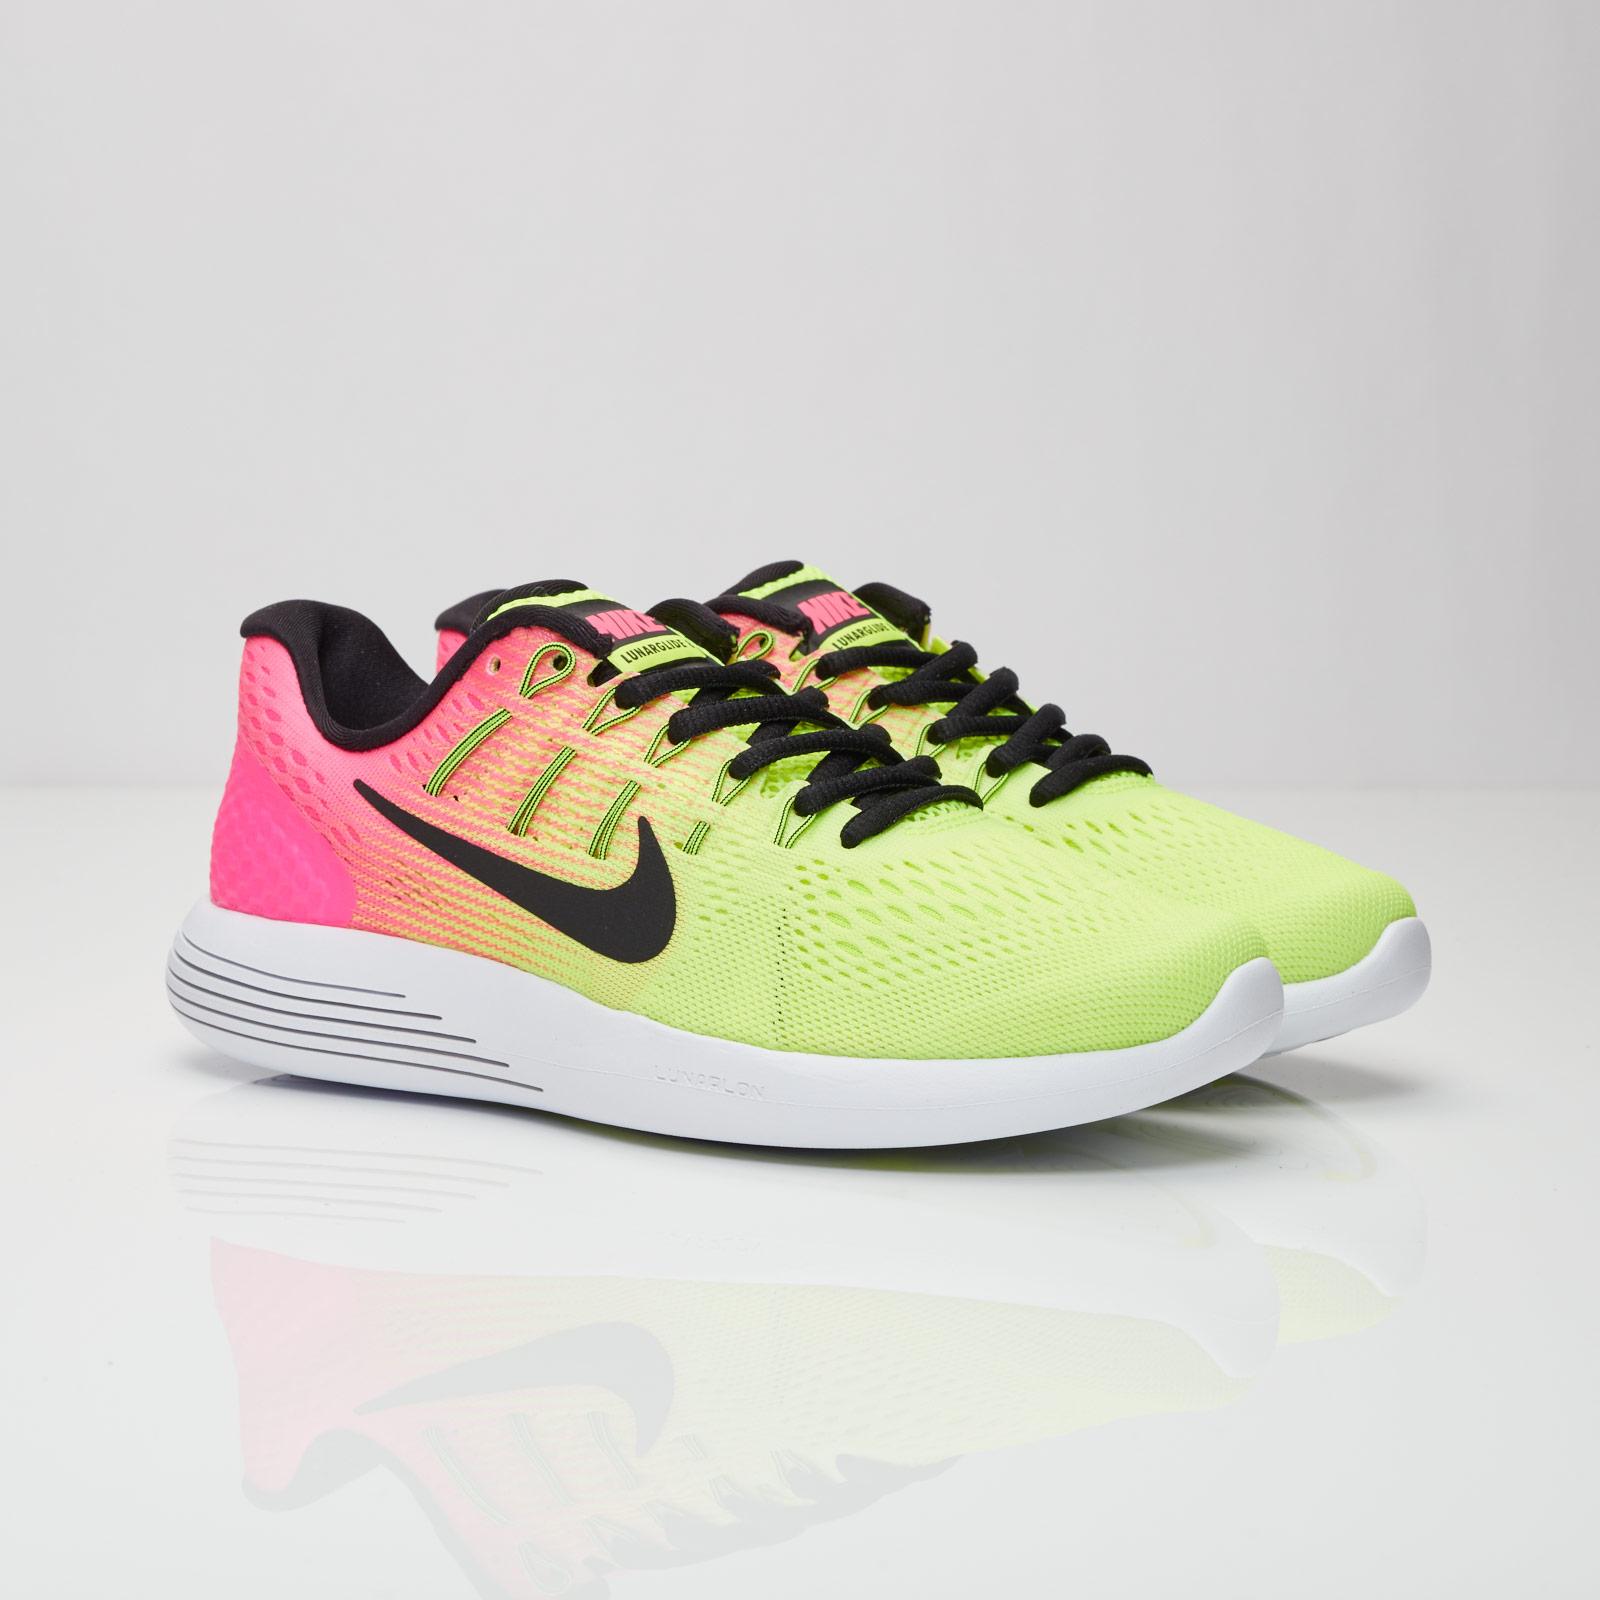 56ce53104a0a Nike Wmns Lunarglide 8 OC - 844633-999 - Sneakersnstuff